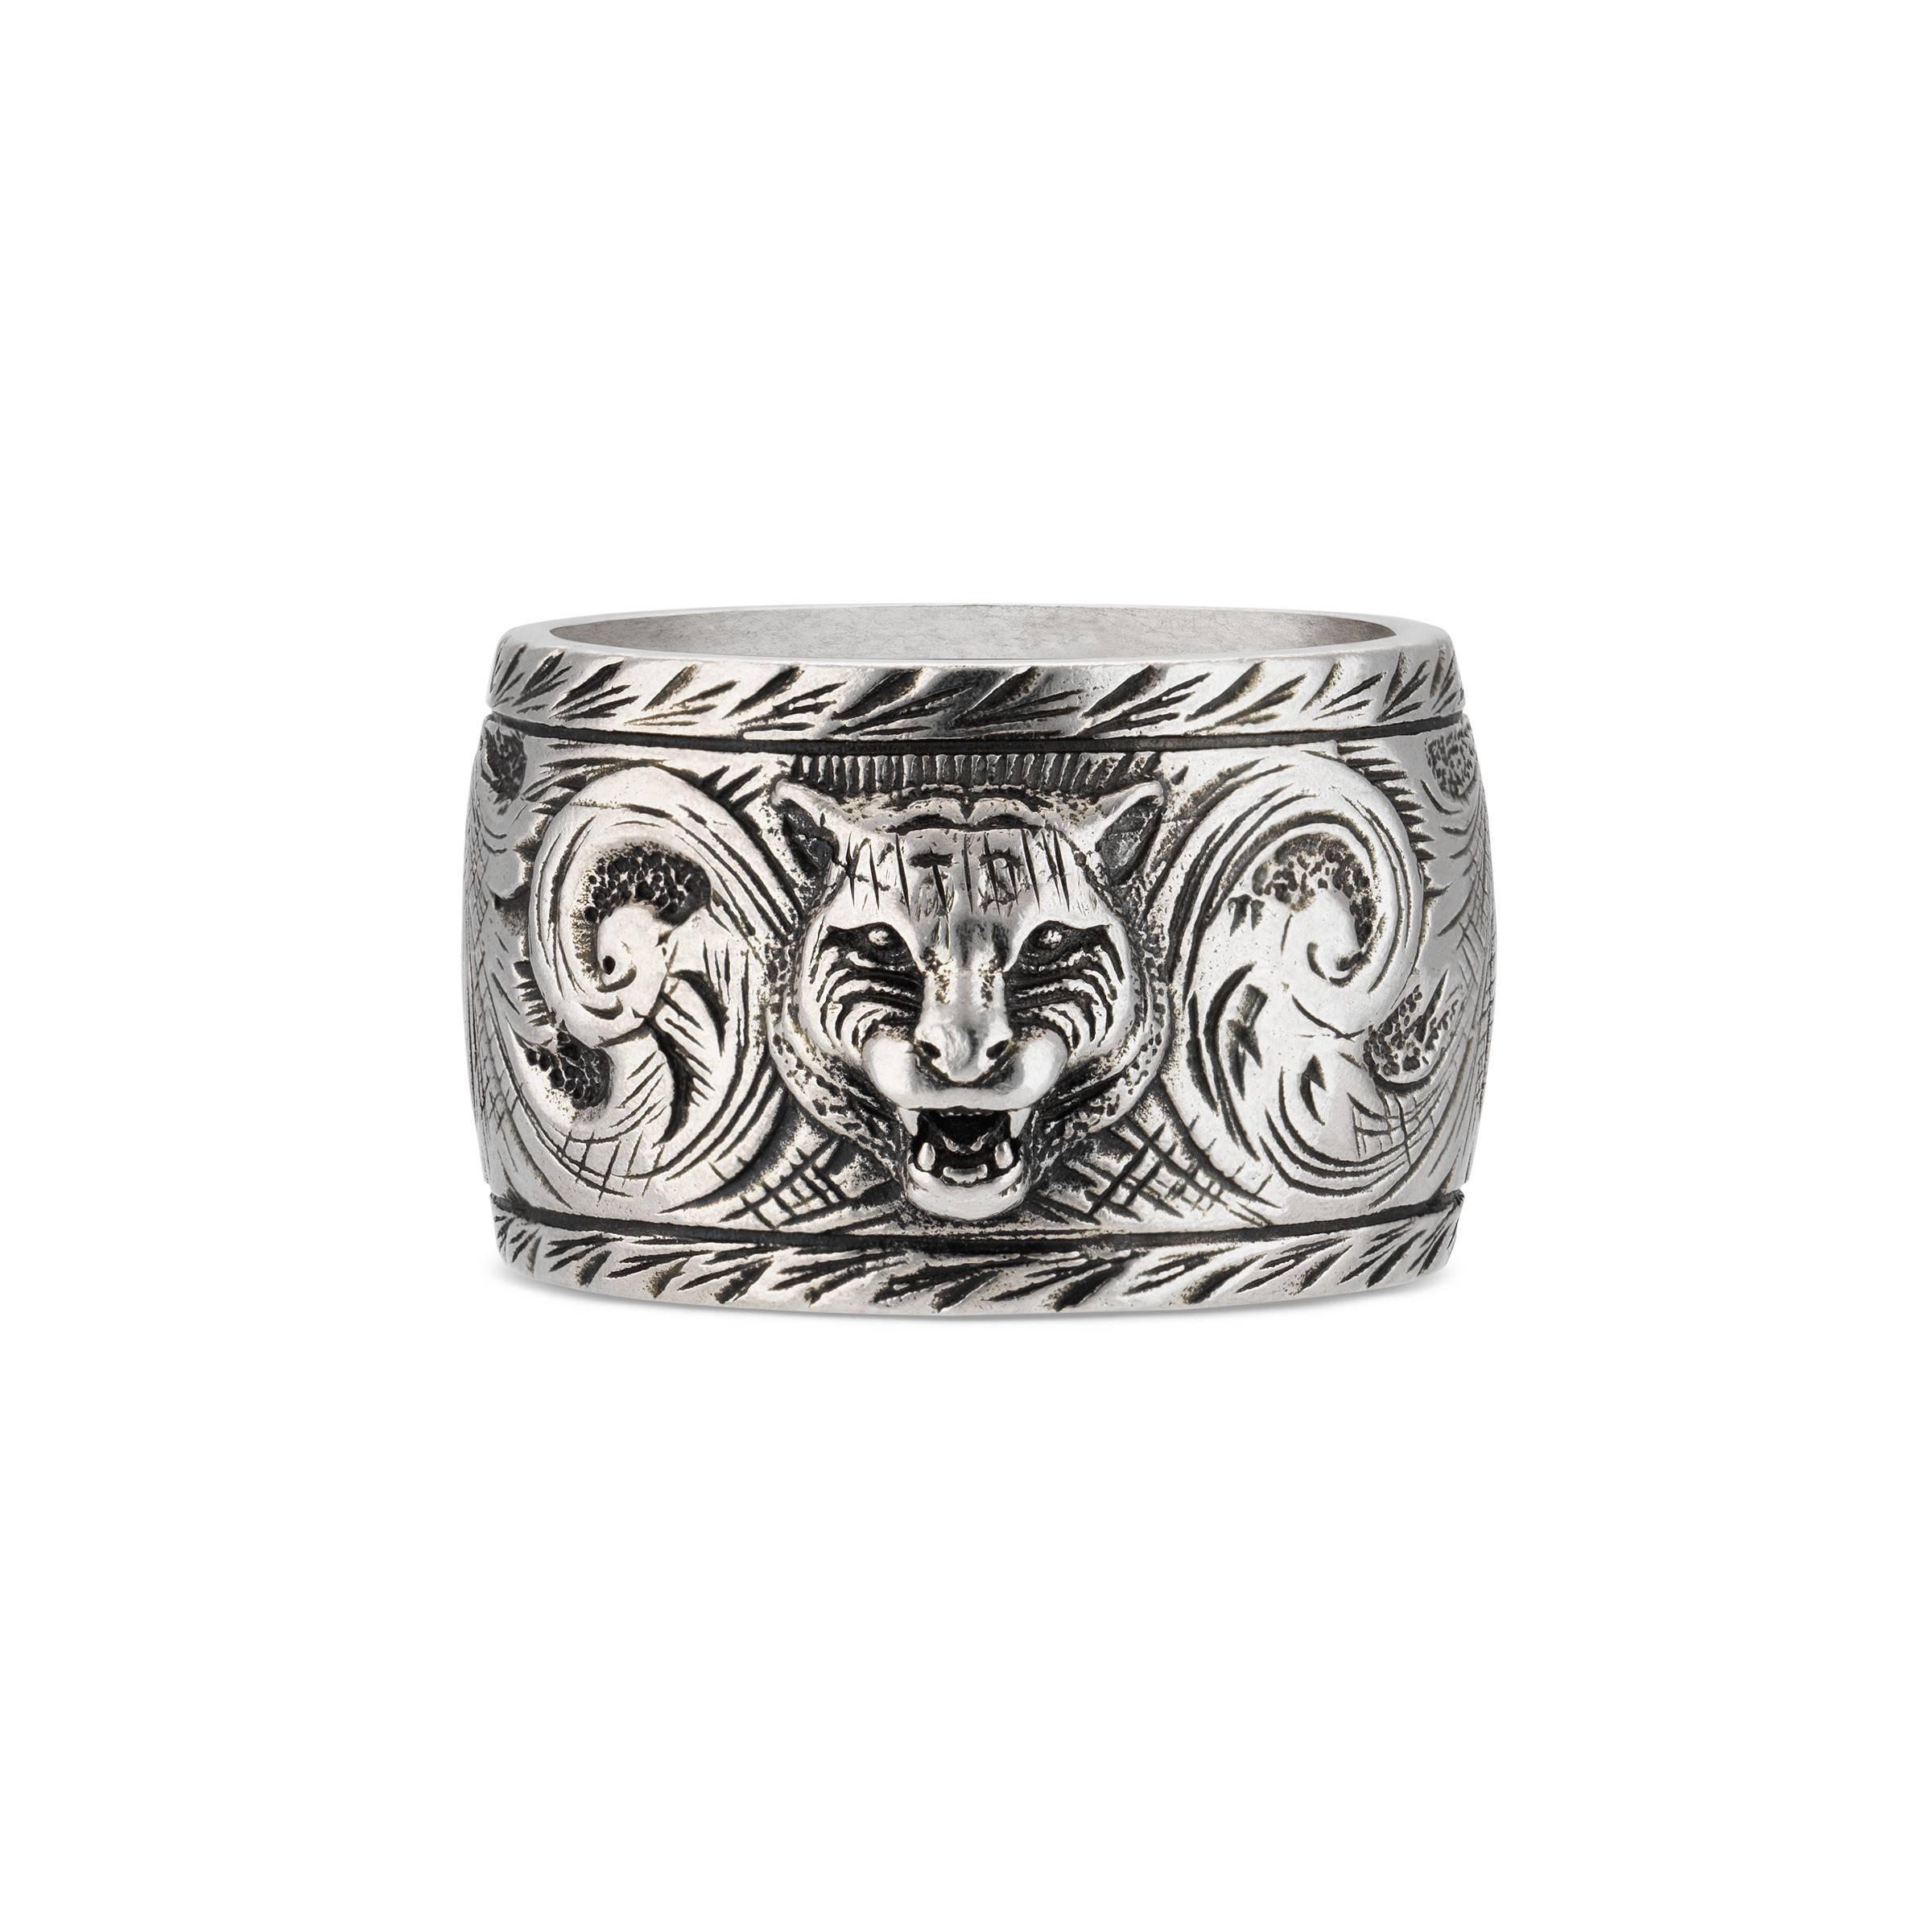 1ec36befdb Herren Breiter Ring aus Silber mit Felinekopf in mettallic